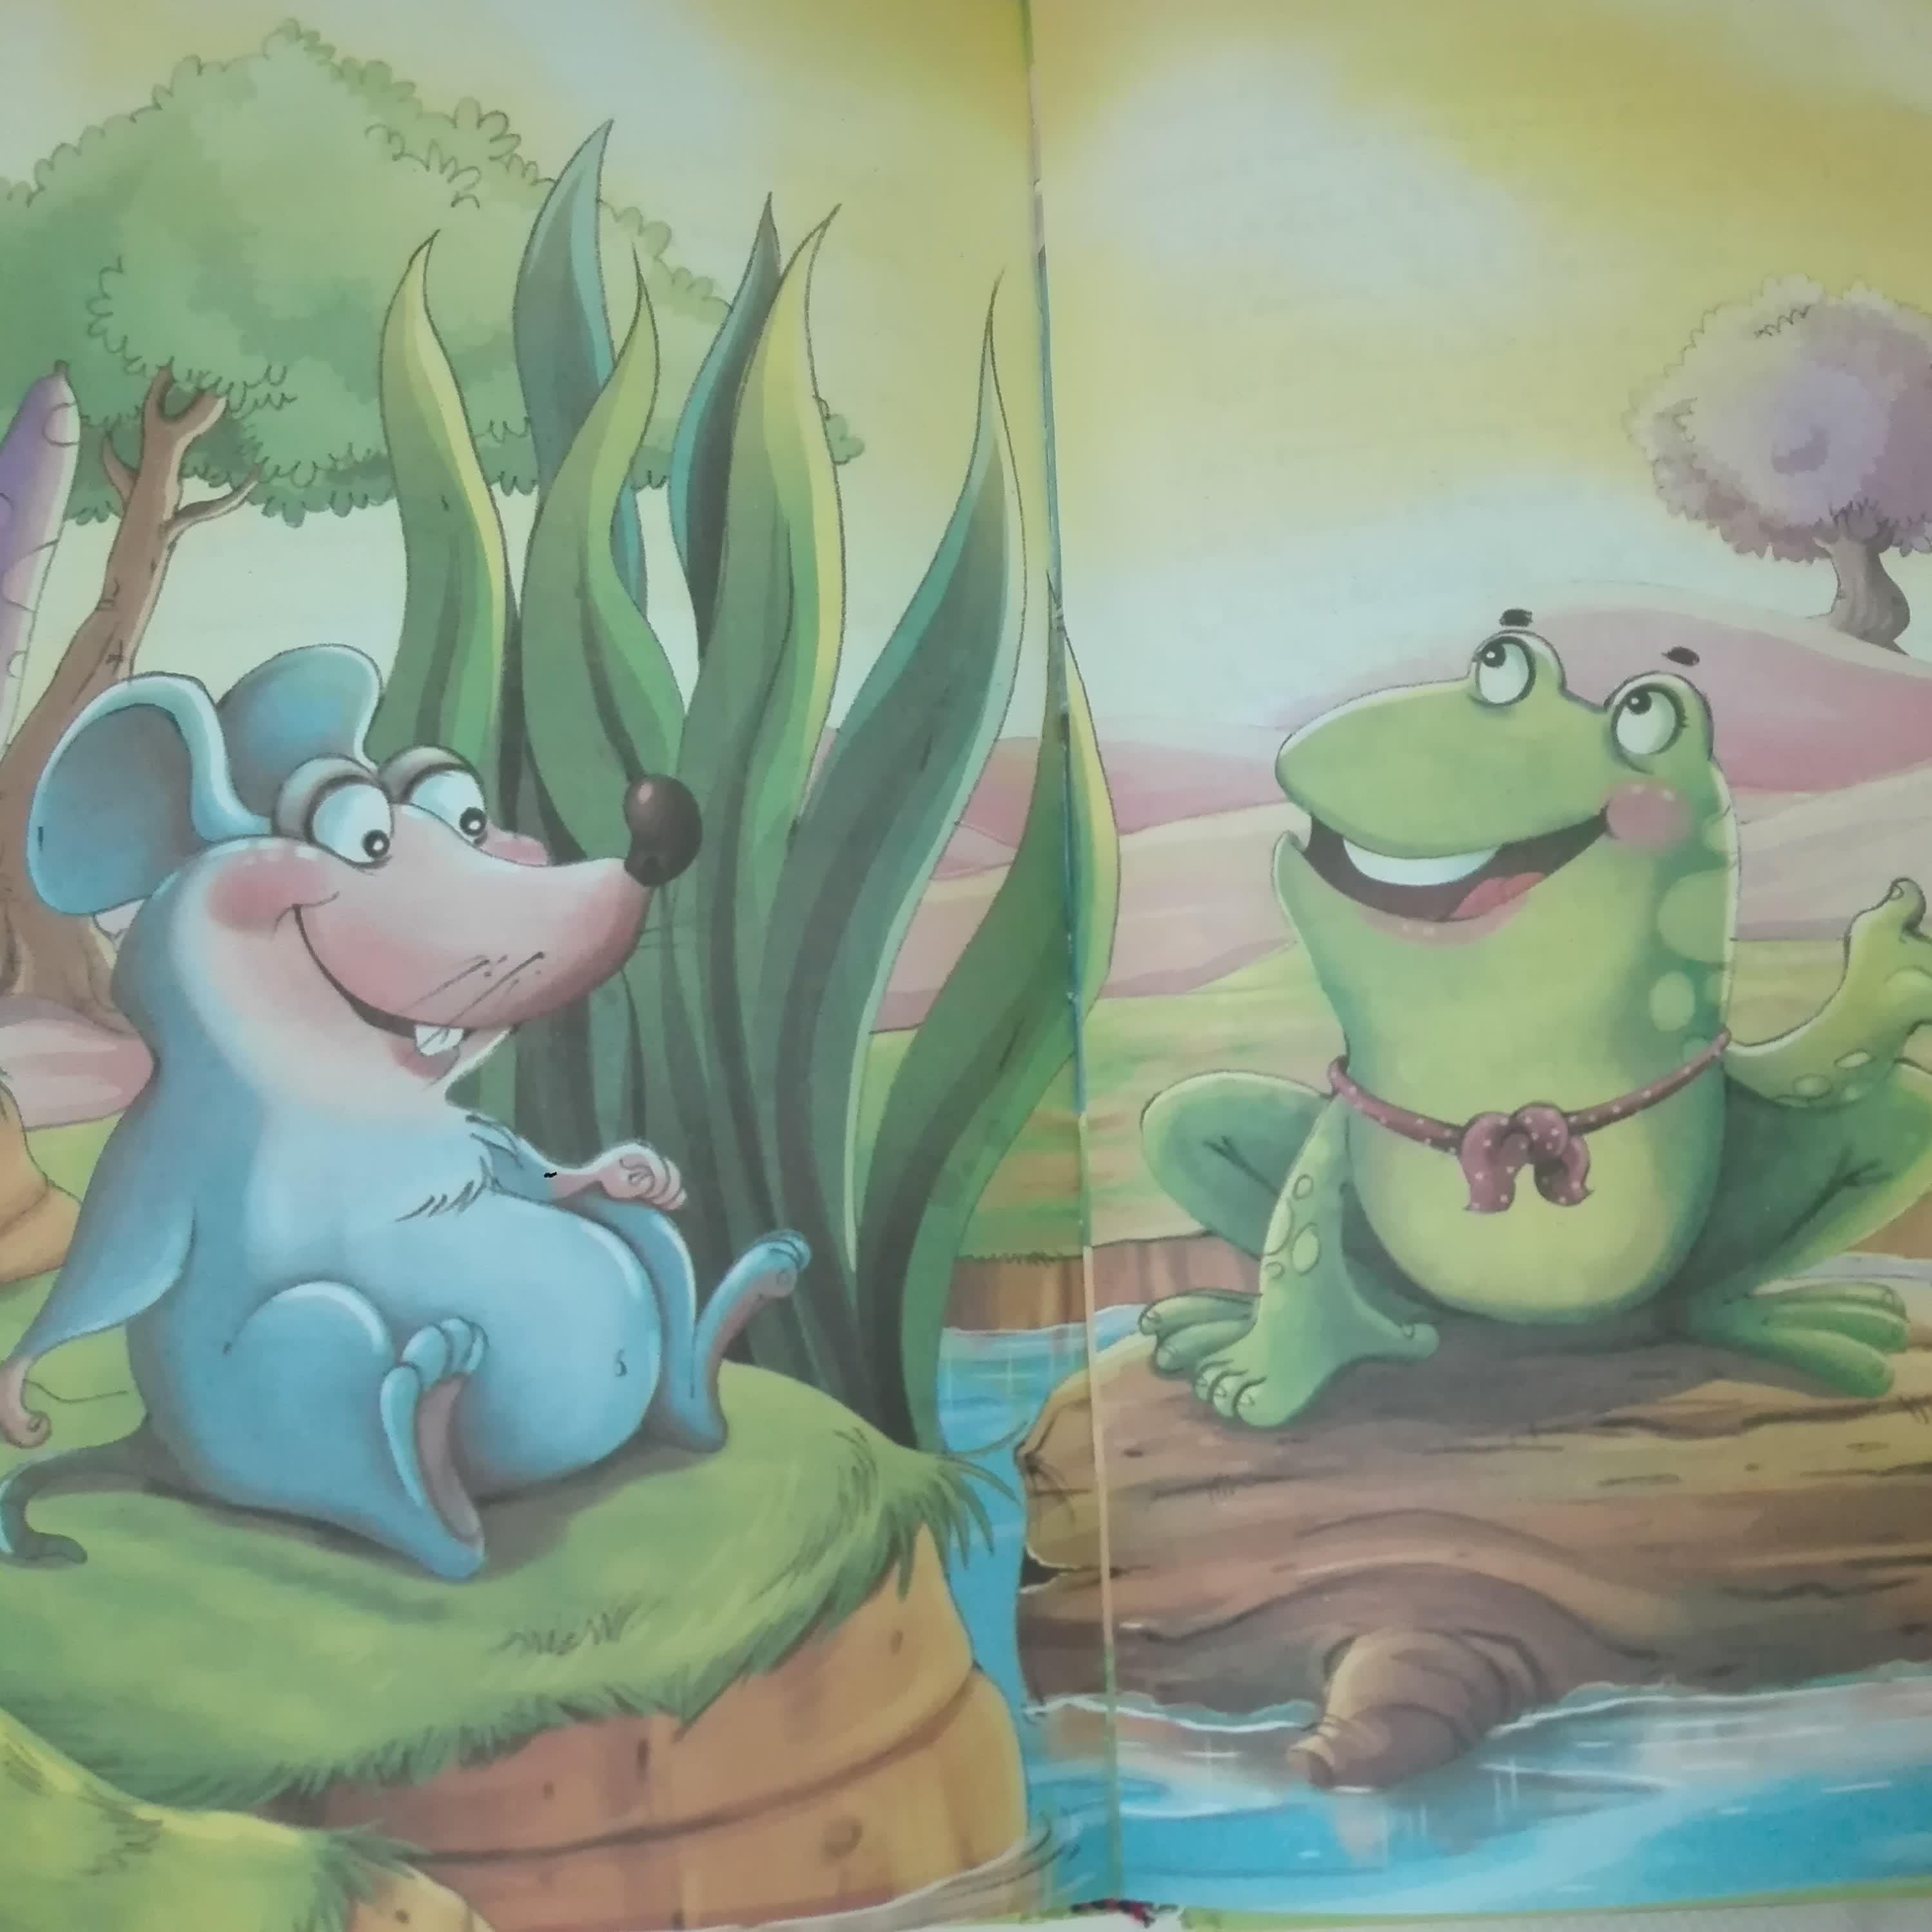 قصههای پندآموز کهن؛ دوستی موش و قورباغه